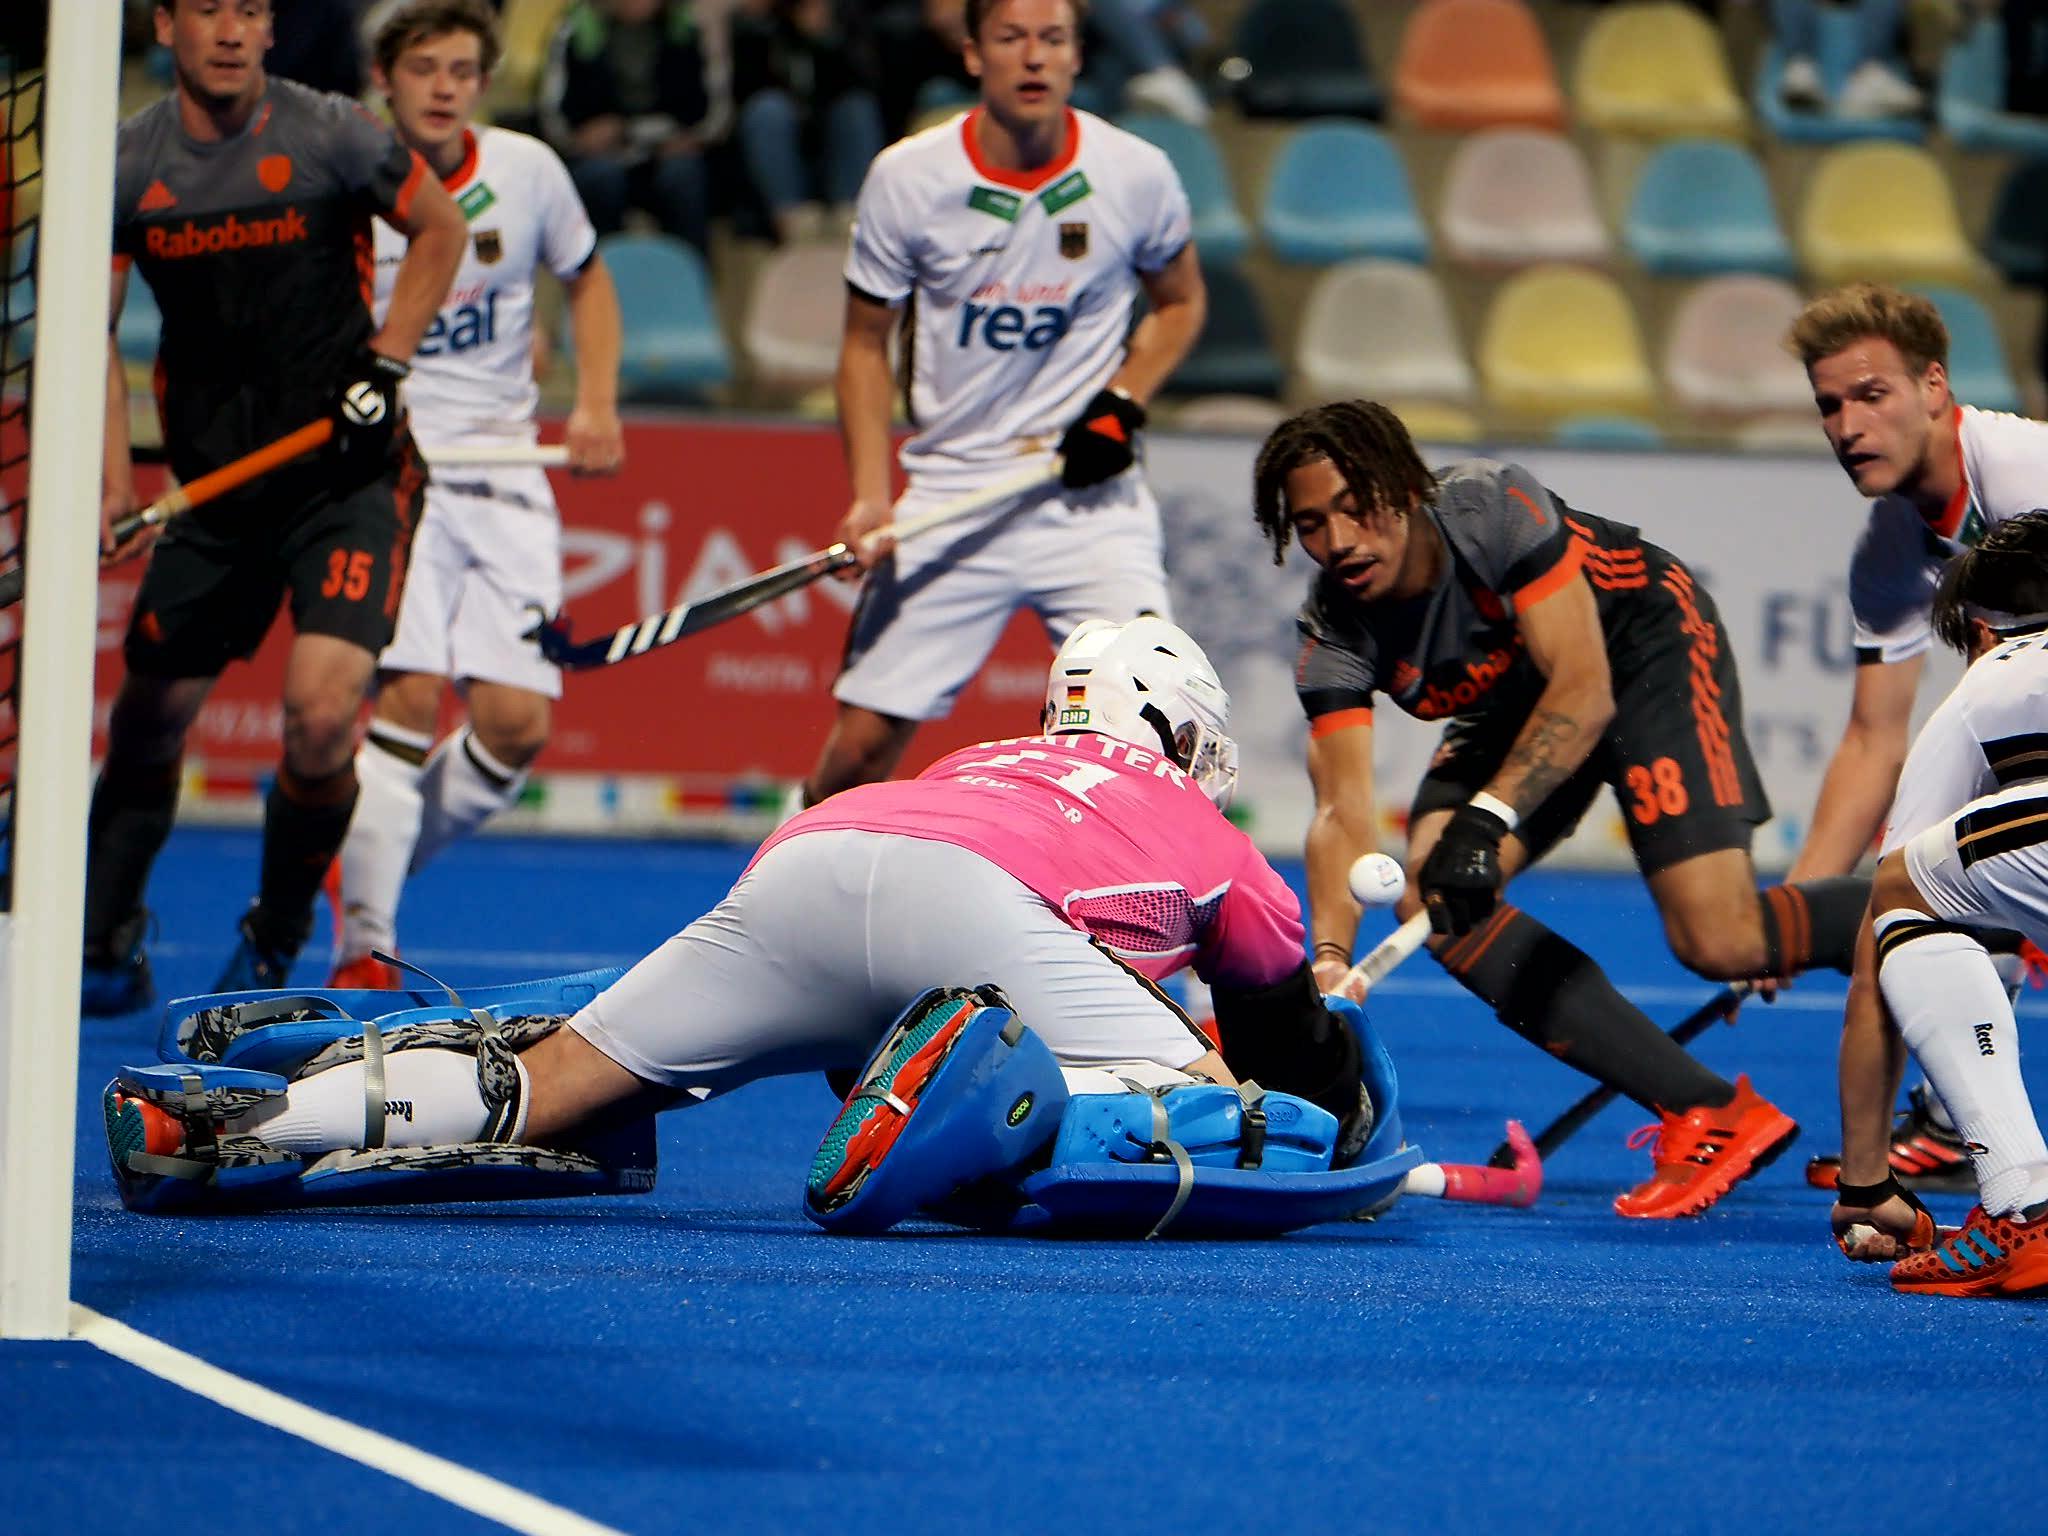 Oranje-debutant Marlon Landbrug: 'Het was een eer om vandaag te mogen spelen'